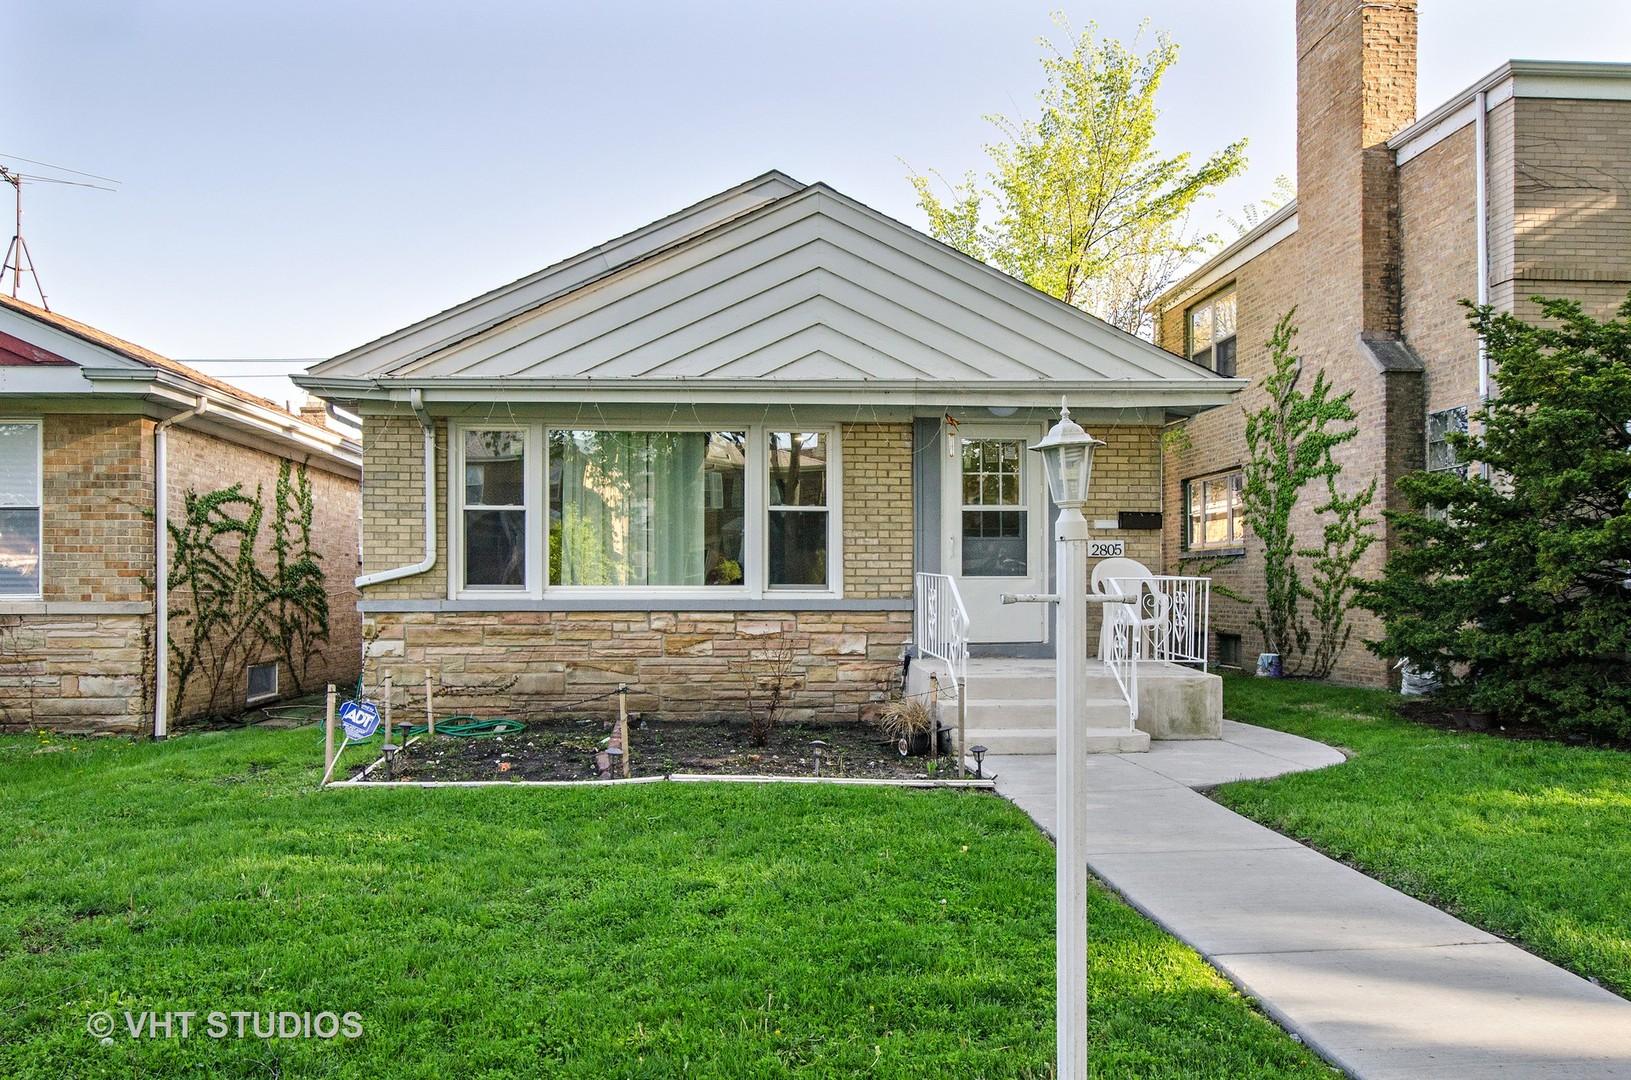 2805 West Coyle Avenue Chicago, IL 60645